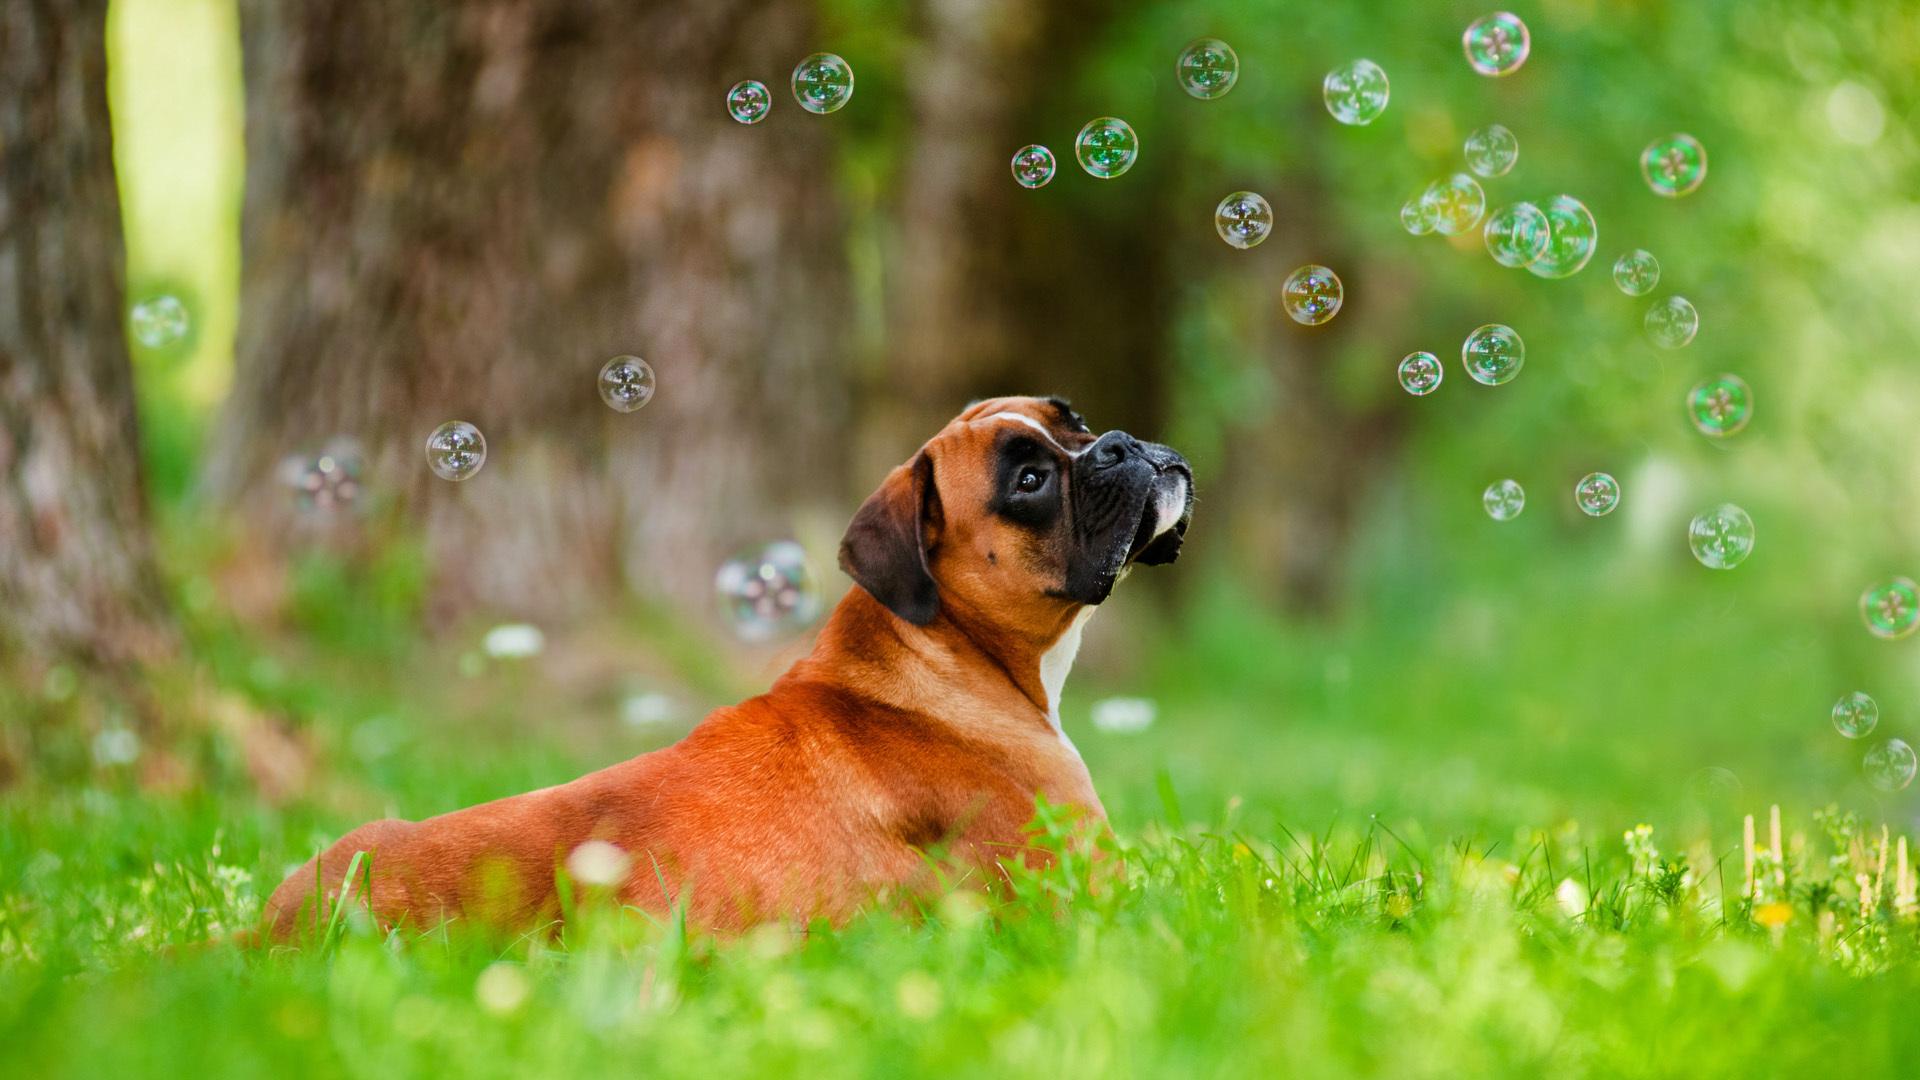 cute soap bubbles wallpaper 35000